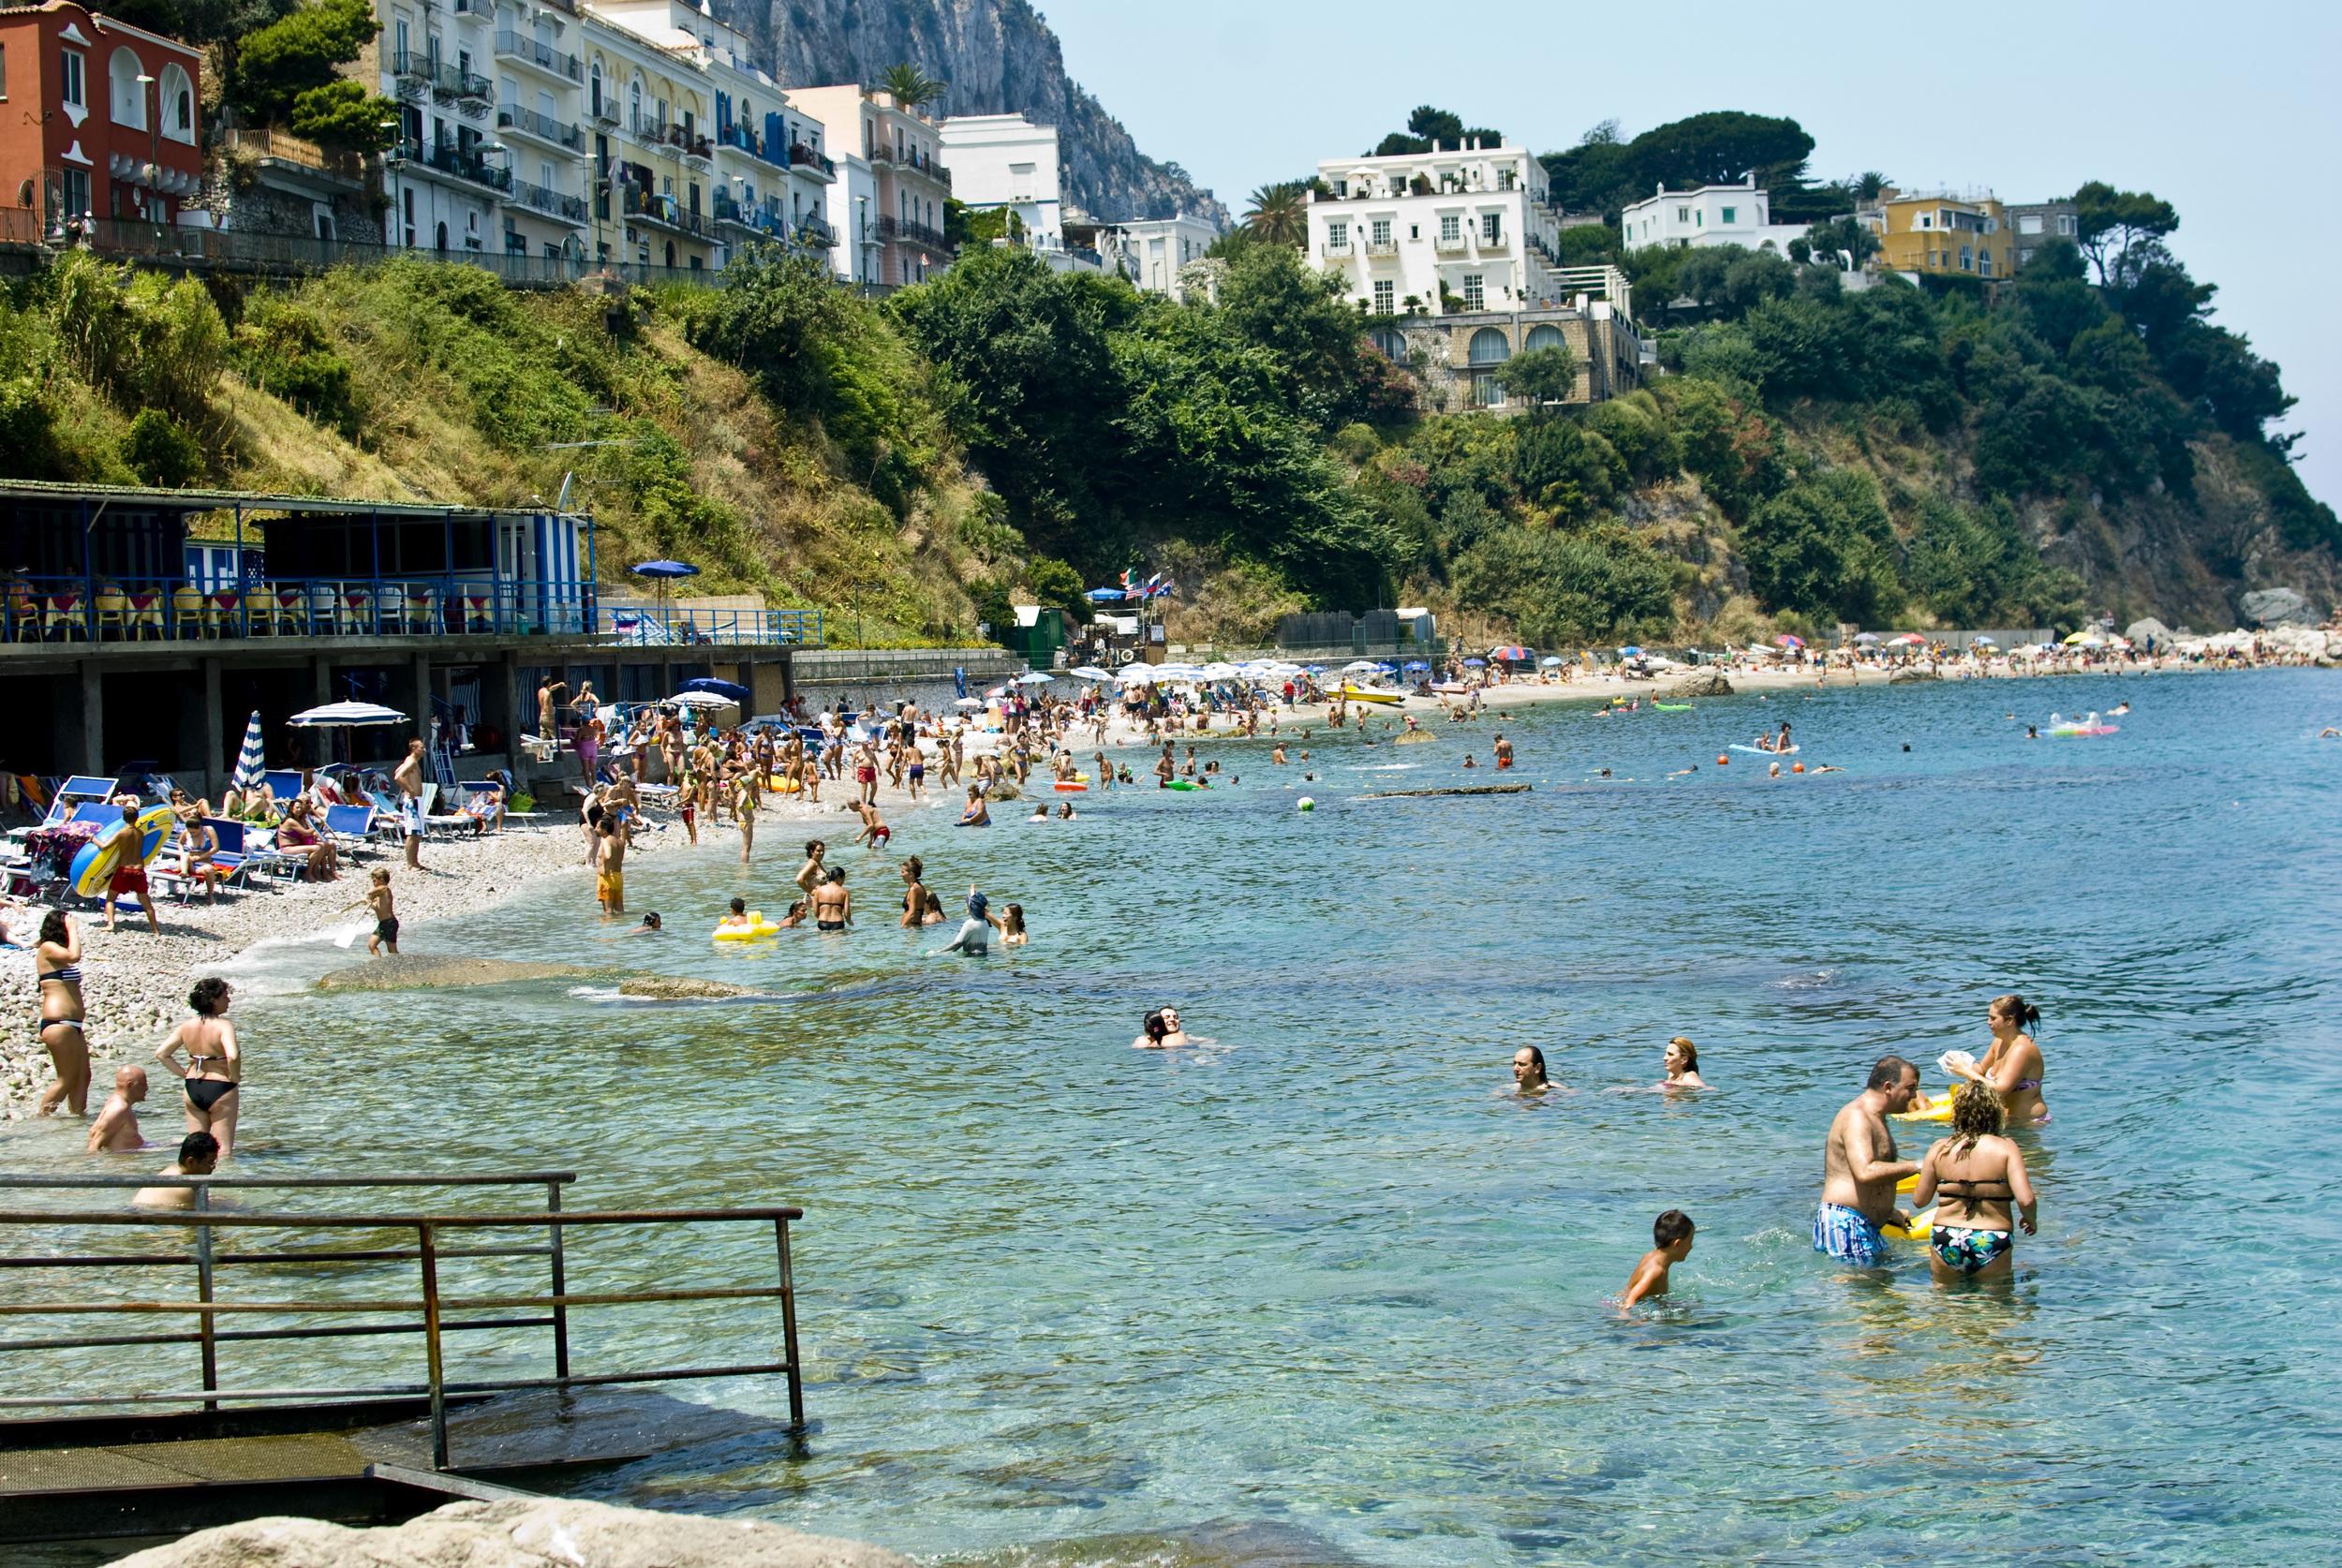 capri-beach_4799636206_o.jpg